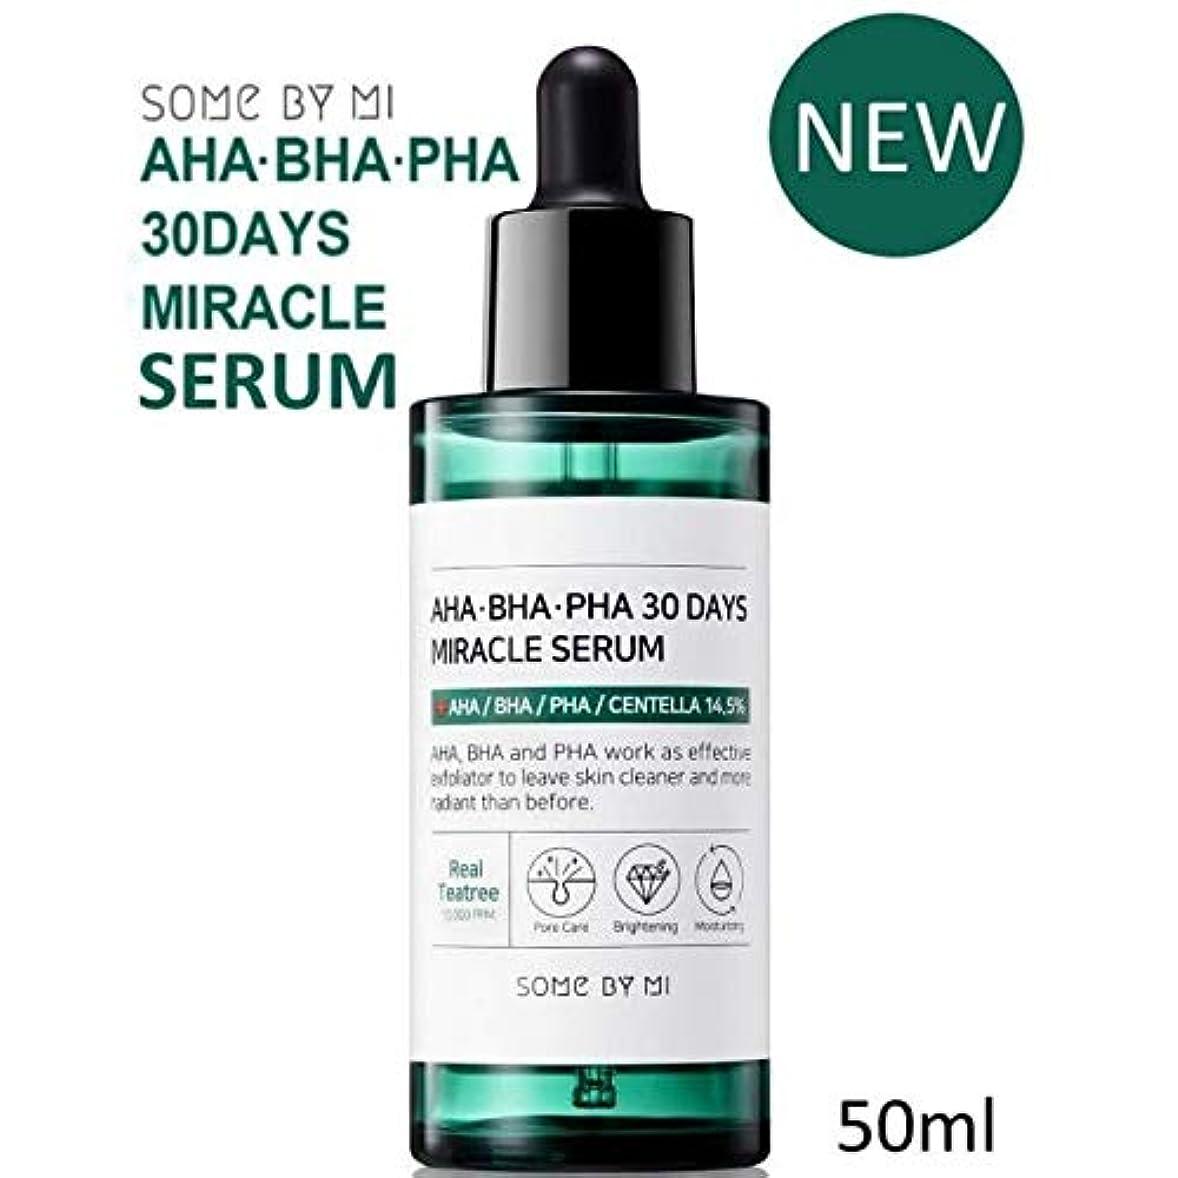 アストロラーベ土曜日同化する[Somebymi] AHA BHA PHA 30Days Miracle Serum 50ml/Korea Cosmetic [並行輸入品]